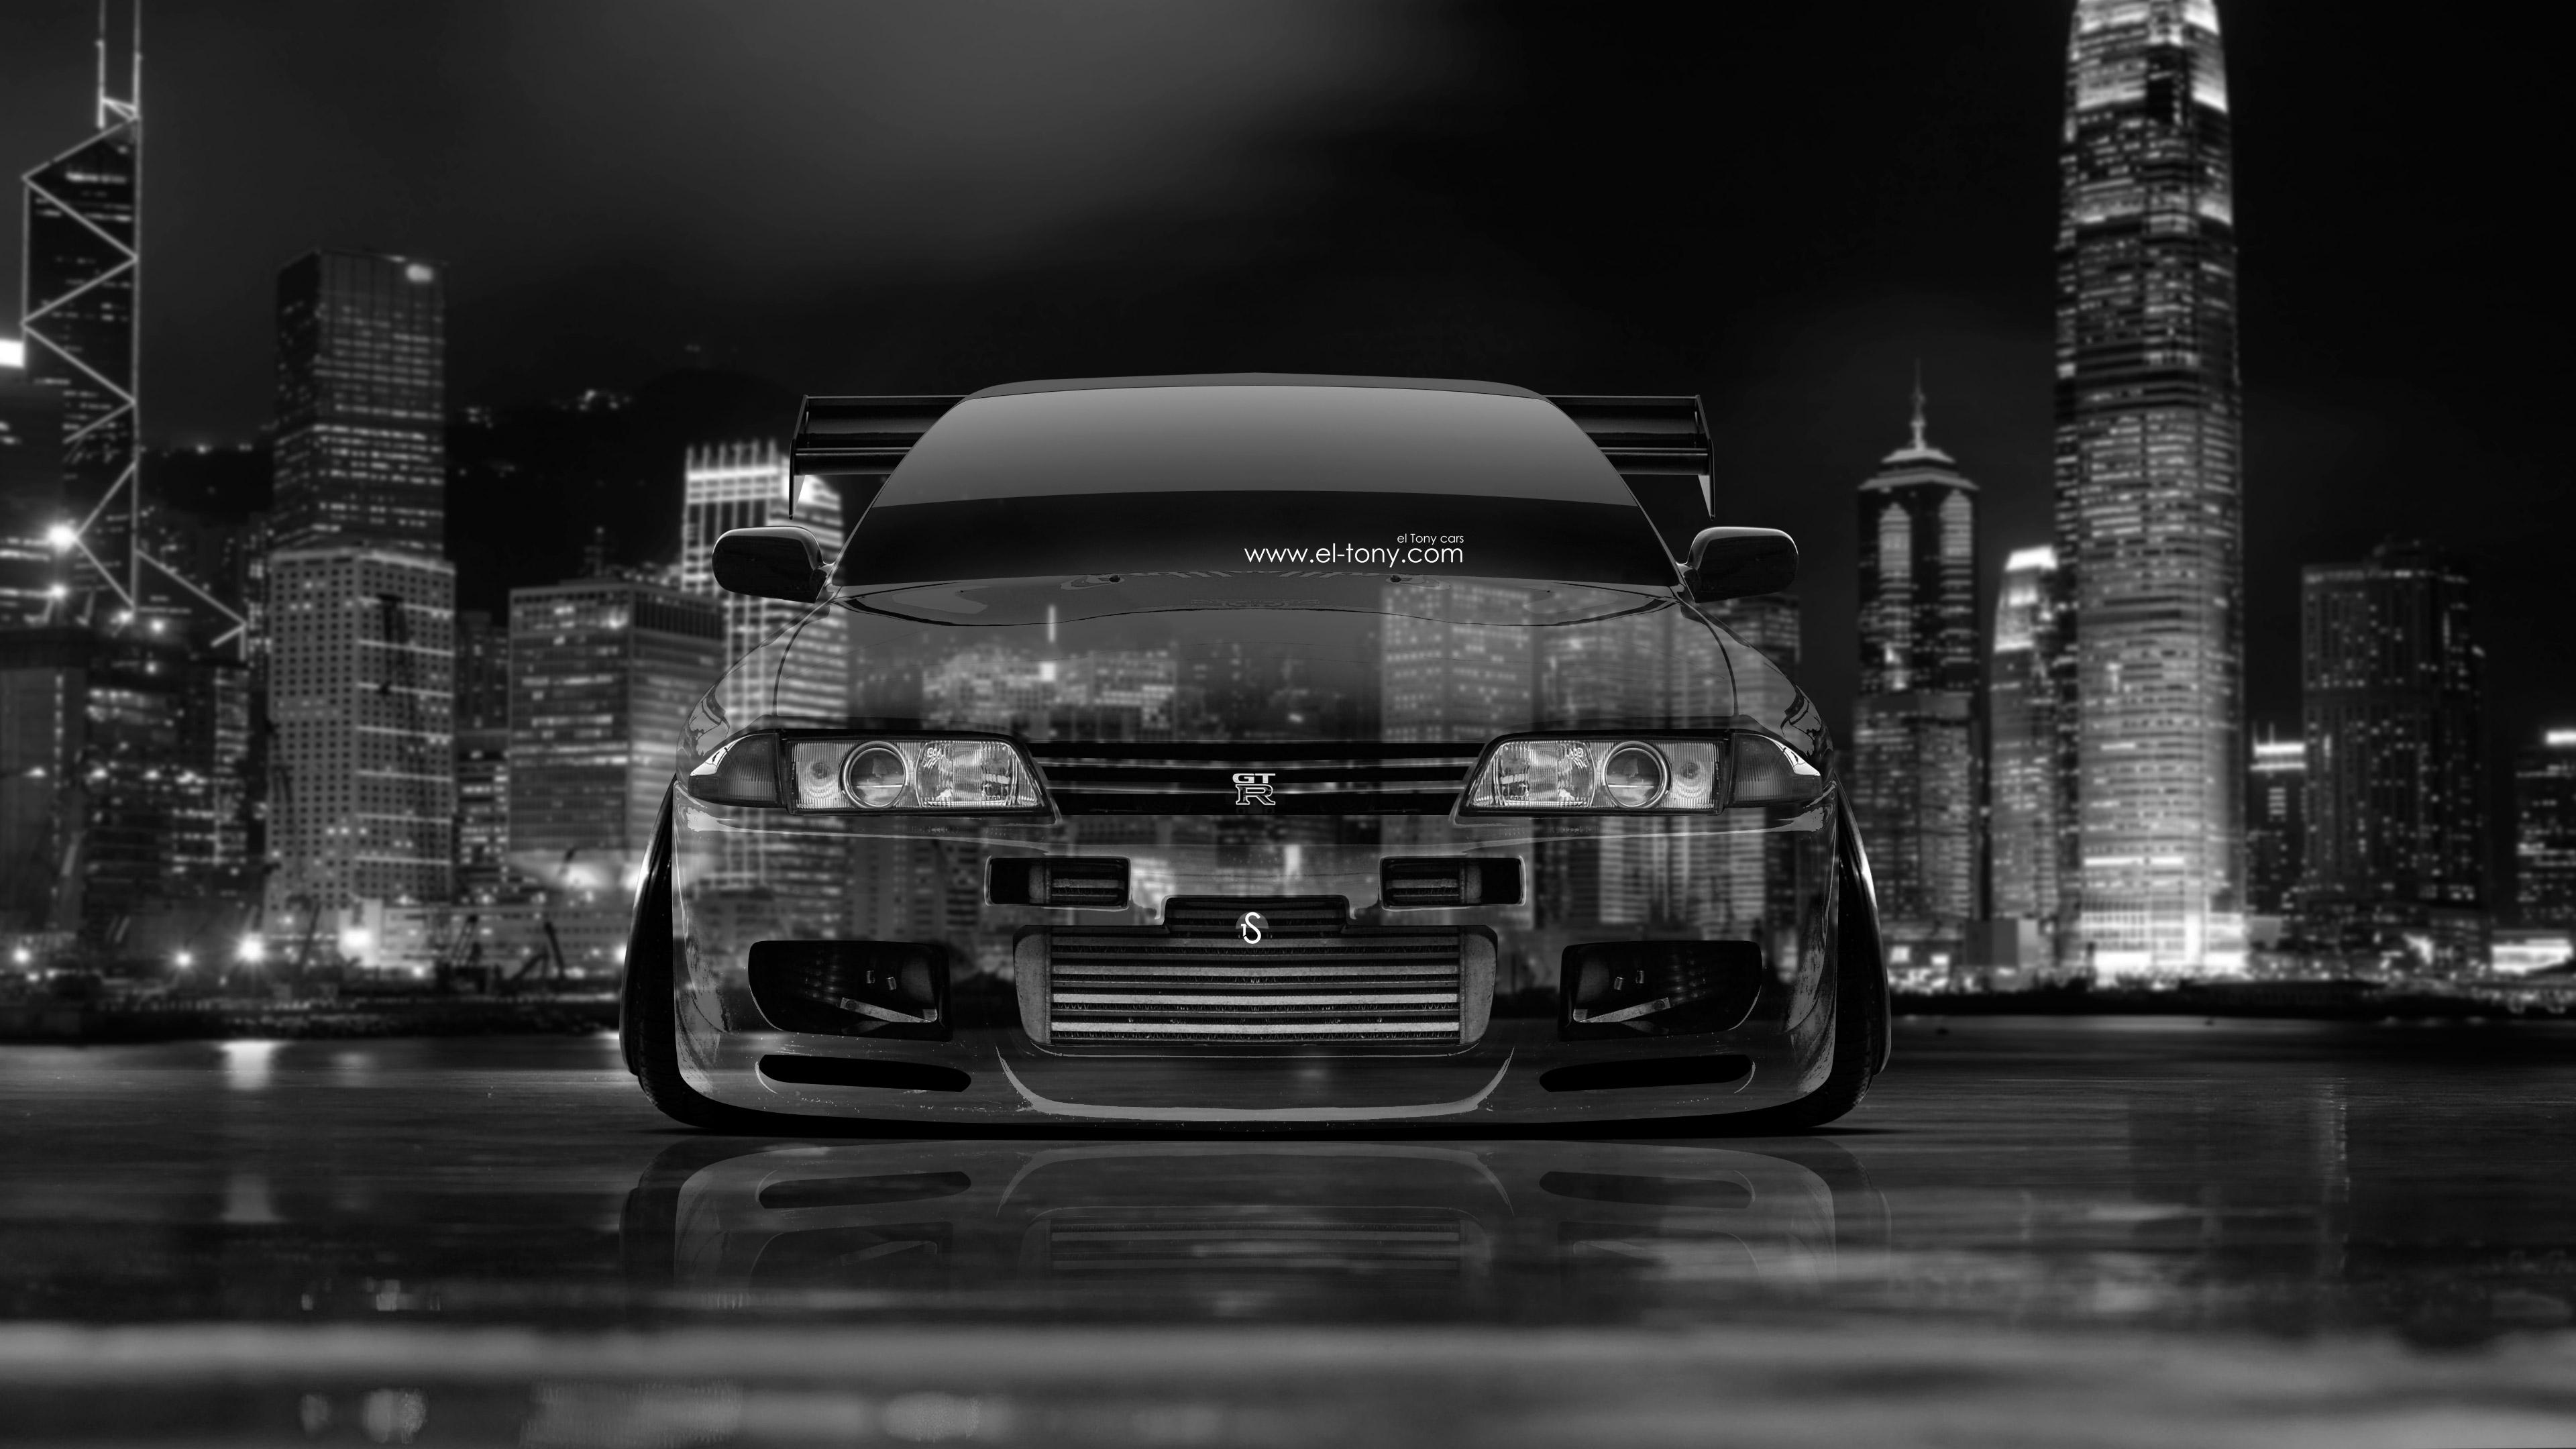 R32 GTR Wallpaper - WallpaperSafari